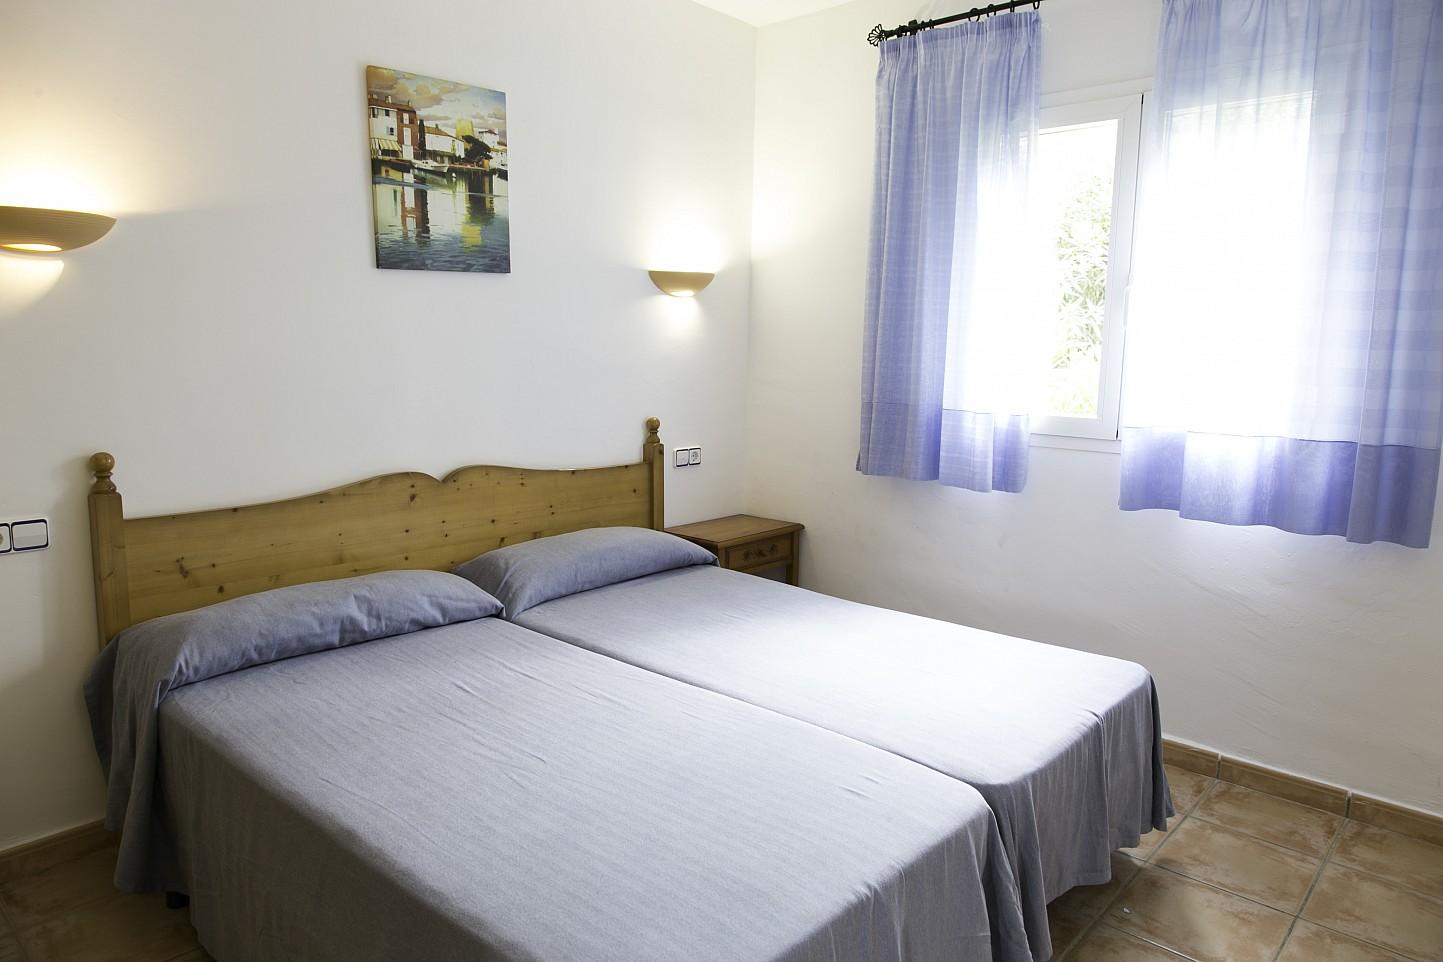 Schalfzimmer eines Hauses zum Verkauf in Villas de Cala Romántica, Mallorca